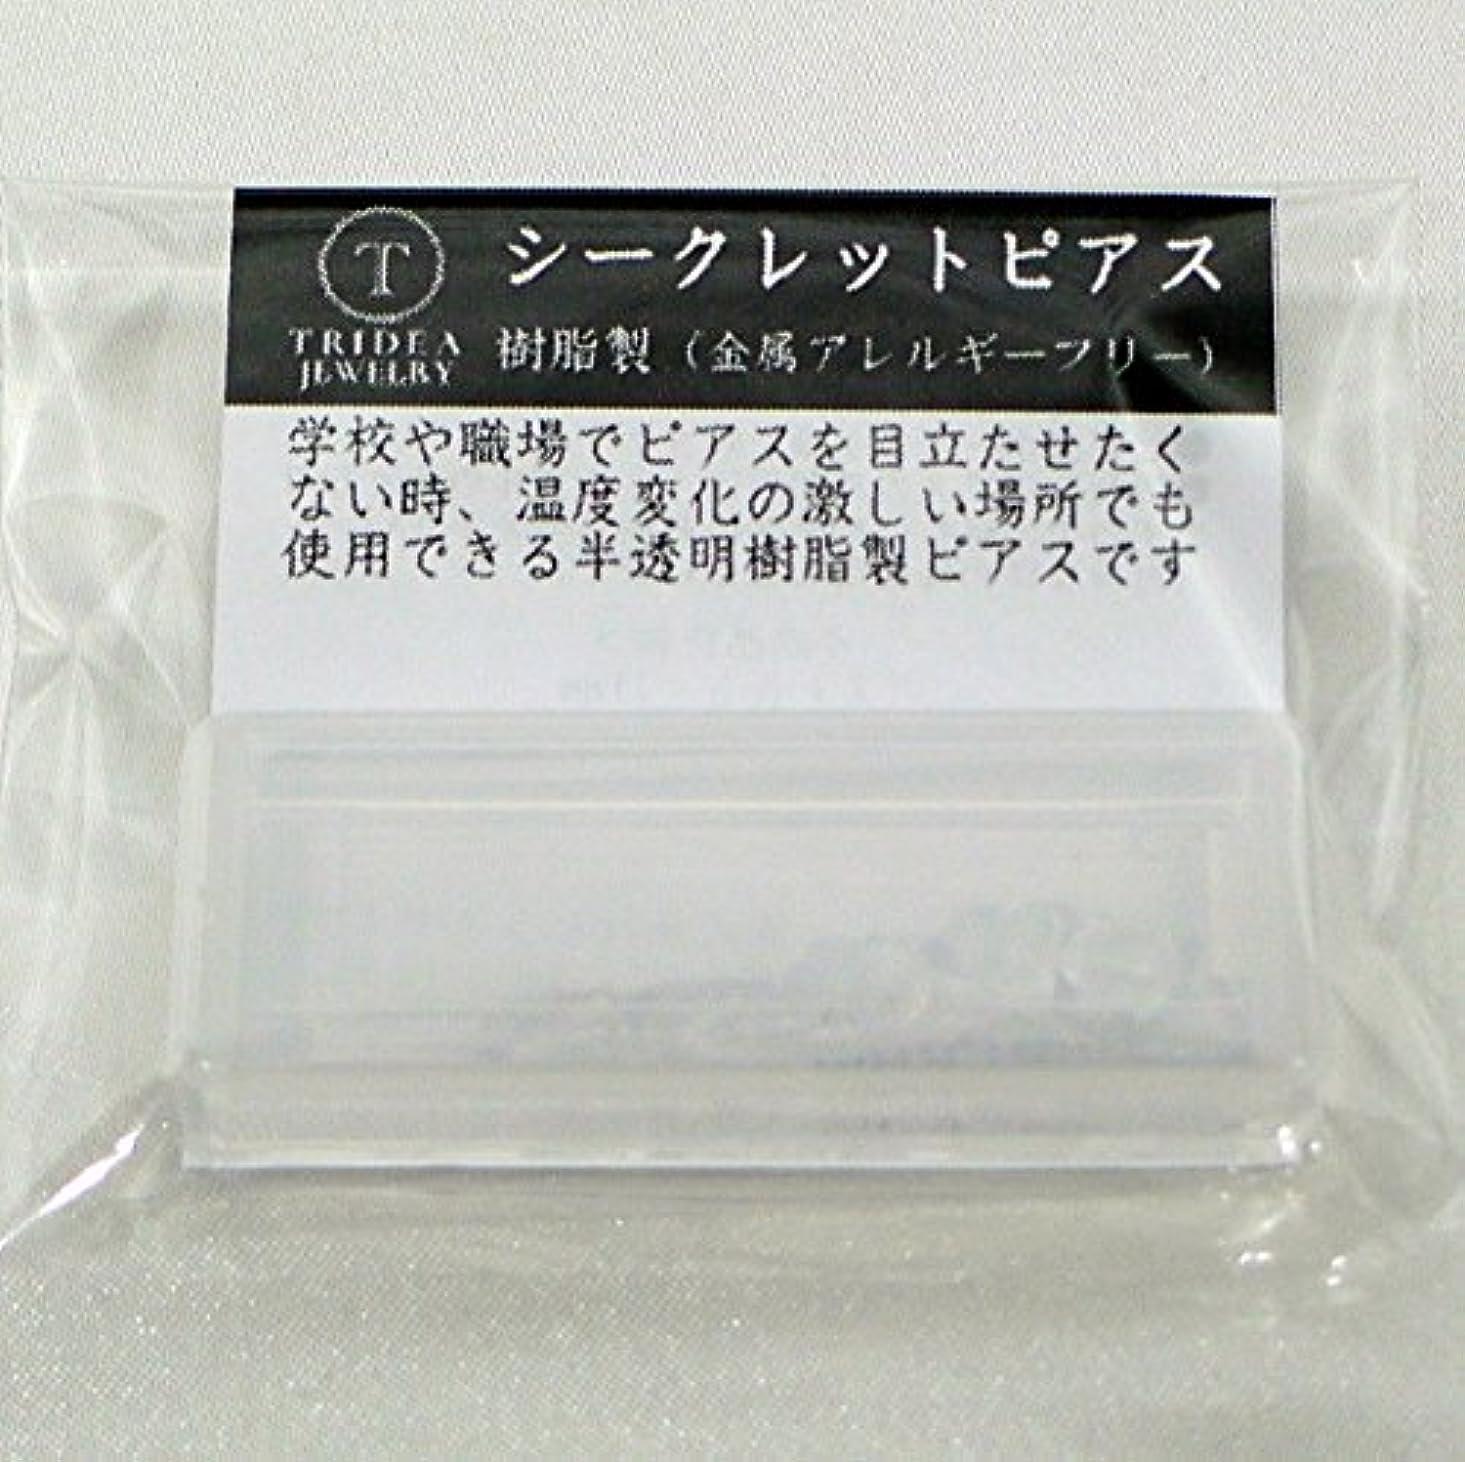 苦痛講師こねるシークレットピアス 樹脂透明ピアス 金属アレルギーフリー ピアスホール維持に最適 (6セット)